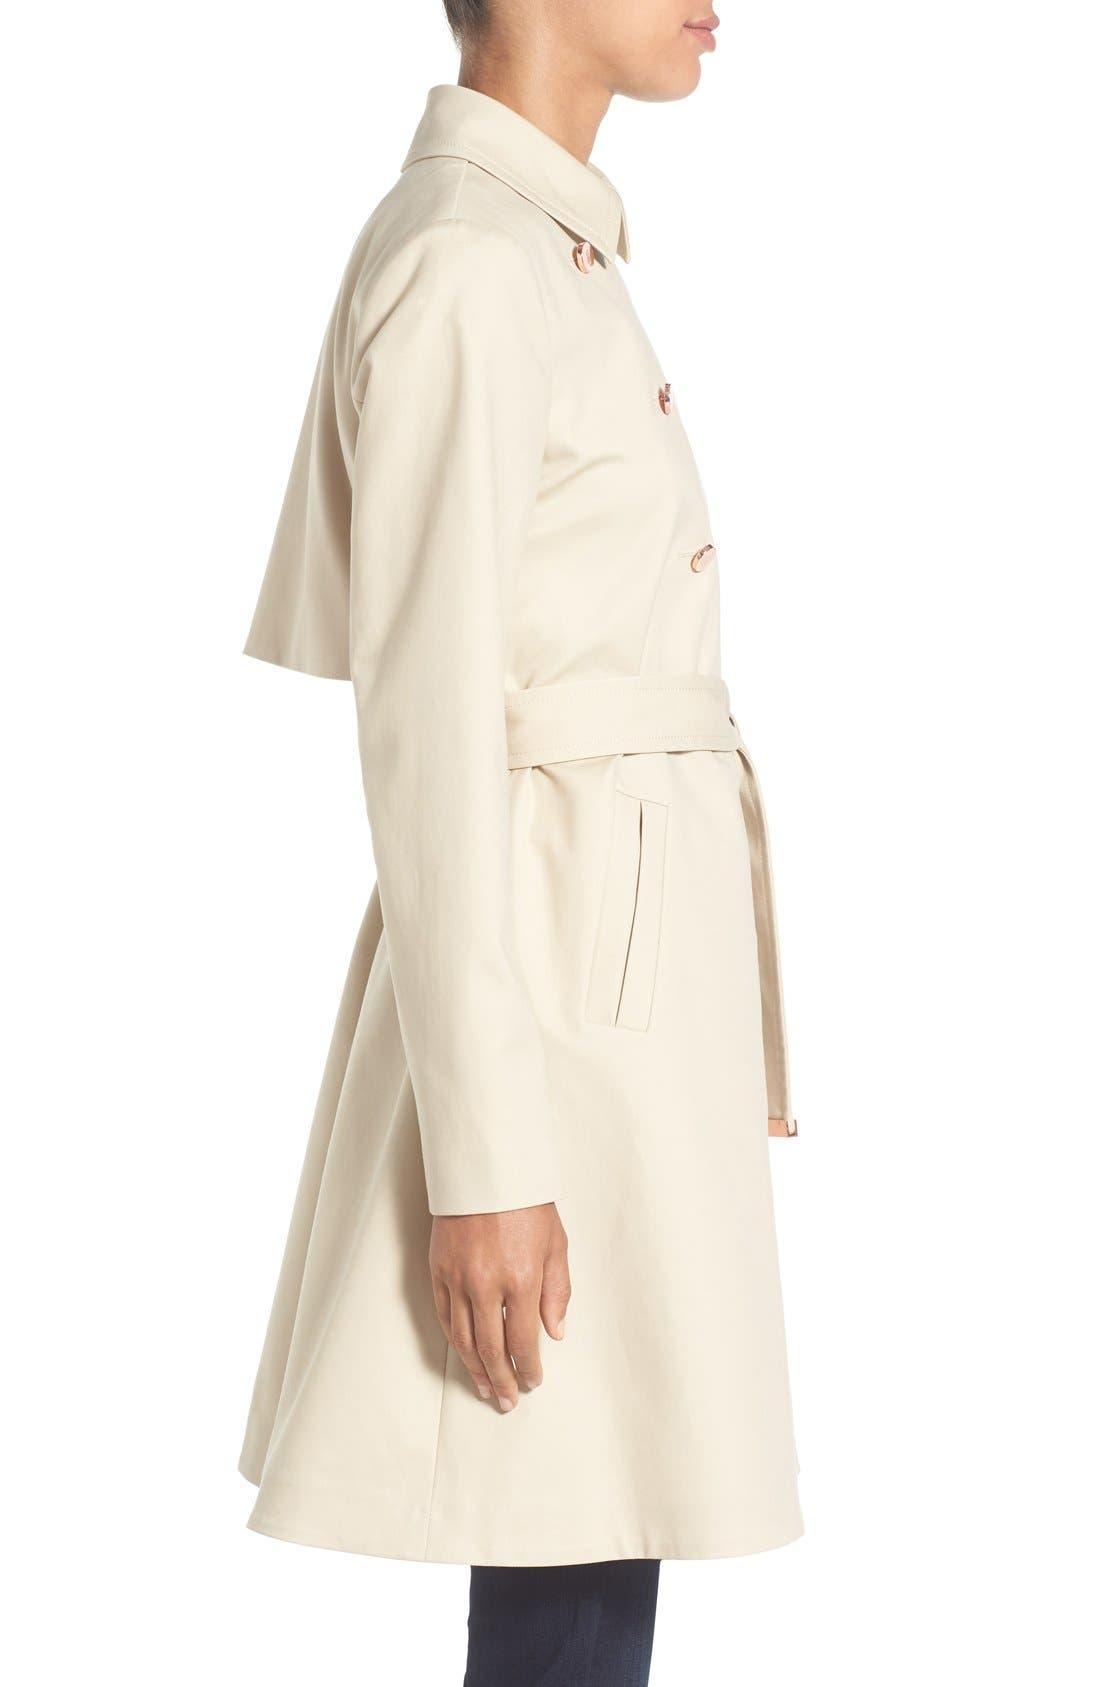 TED BAKER LONDON,                             Flared Skirt Trench Coat,                             Alternate thumbnail 3, color,                             253